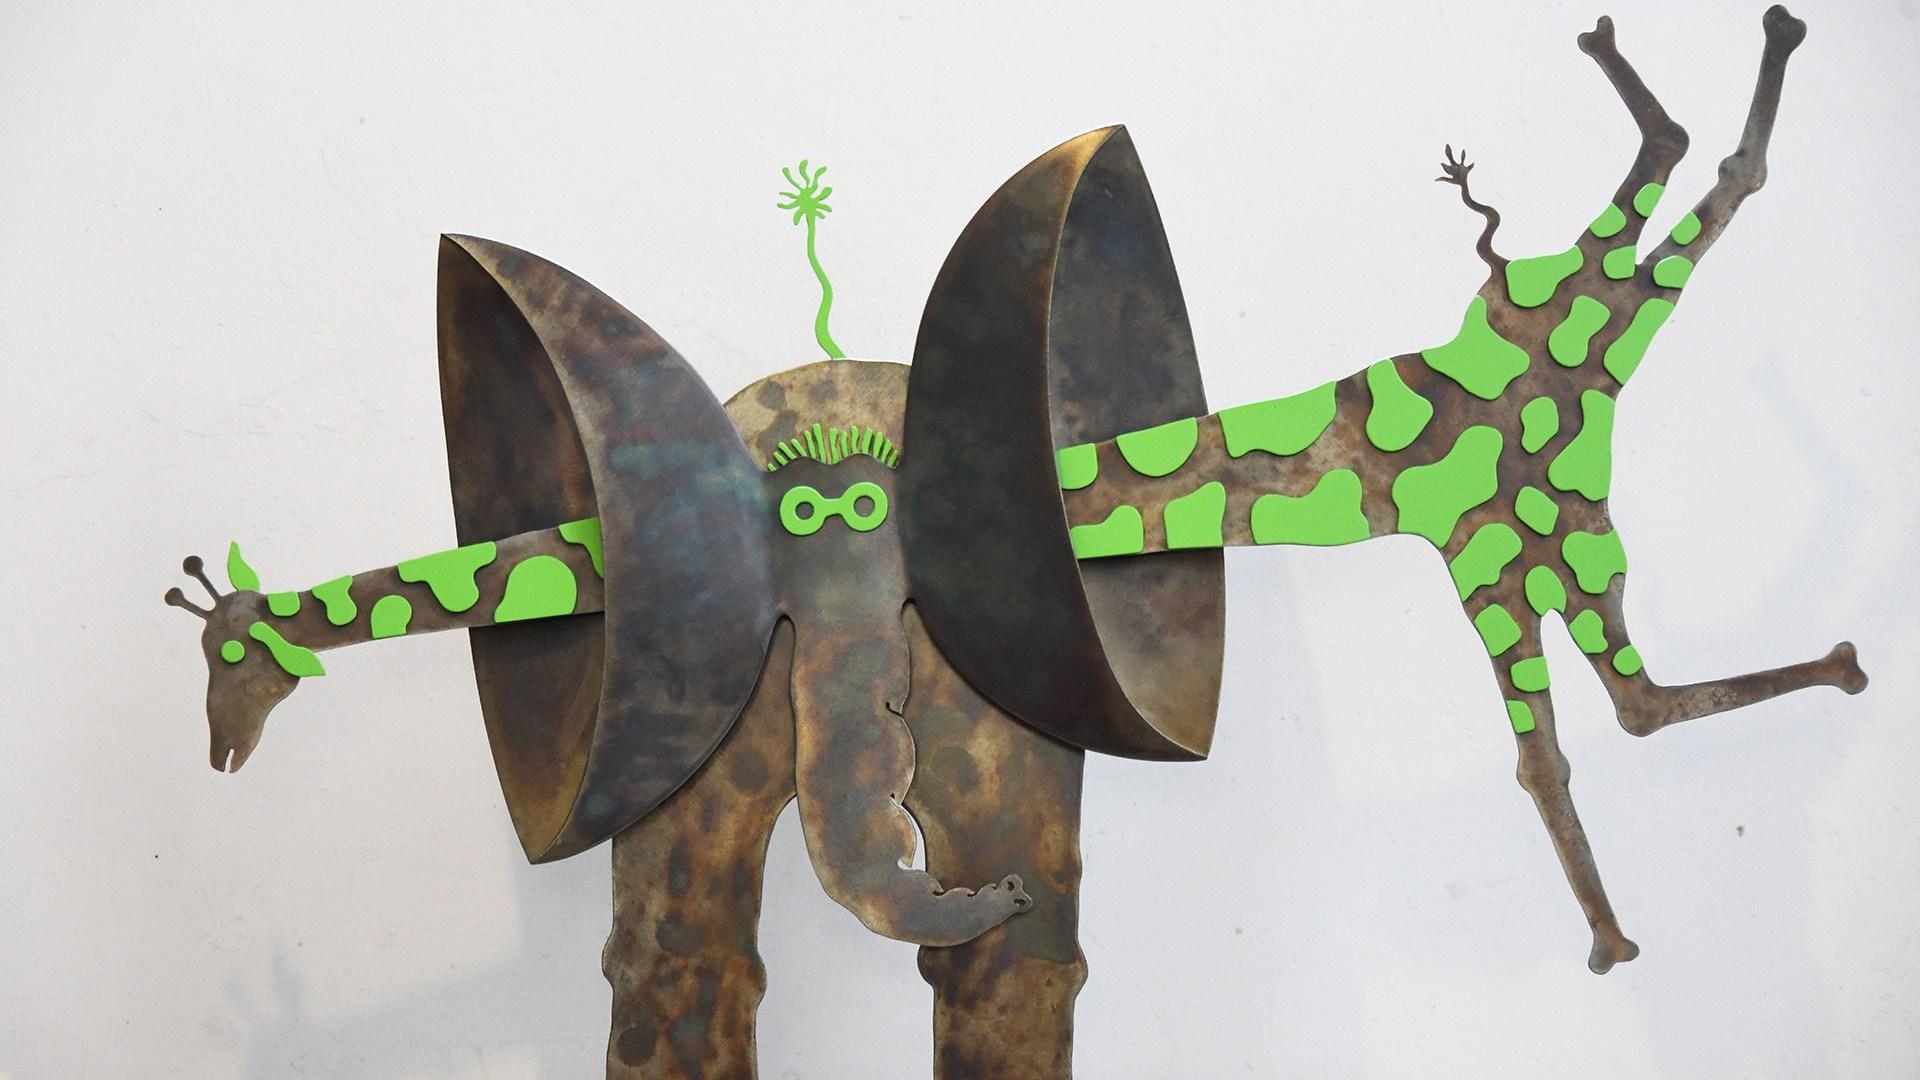 Sébastien Haller placticien sculpteur : l'enfance à portée de main